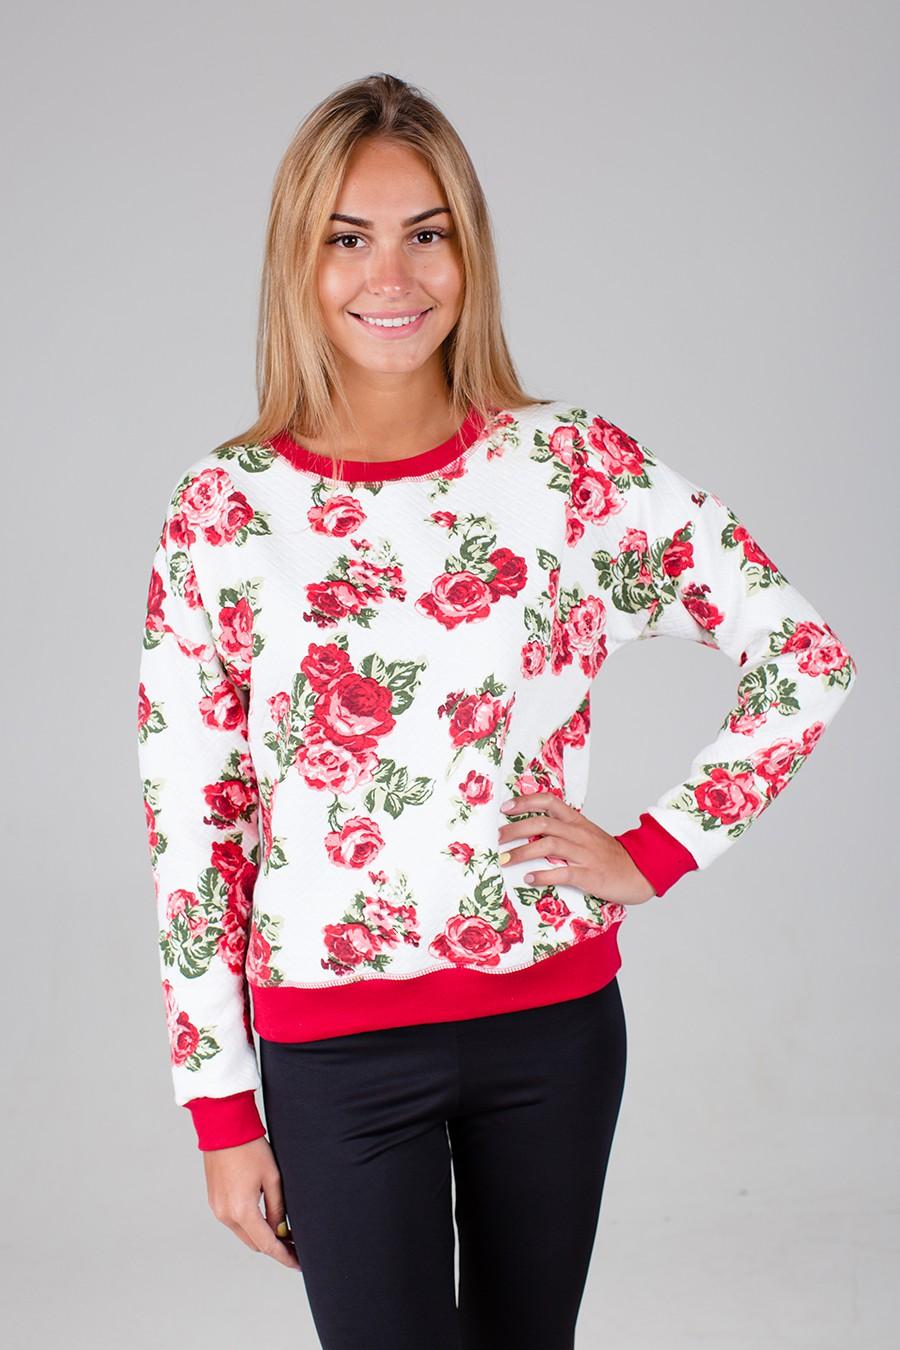 Толстовка женская Грейс с круглым вырезомКофты, свитера, толстовки<br><br><br>Размер: Красные цветы